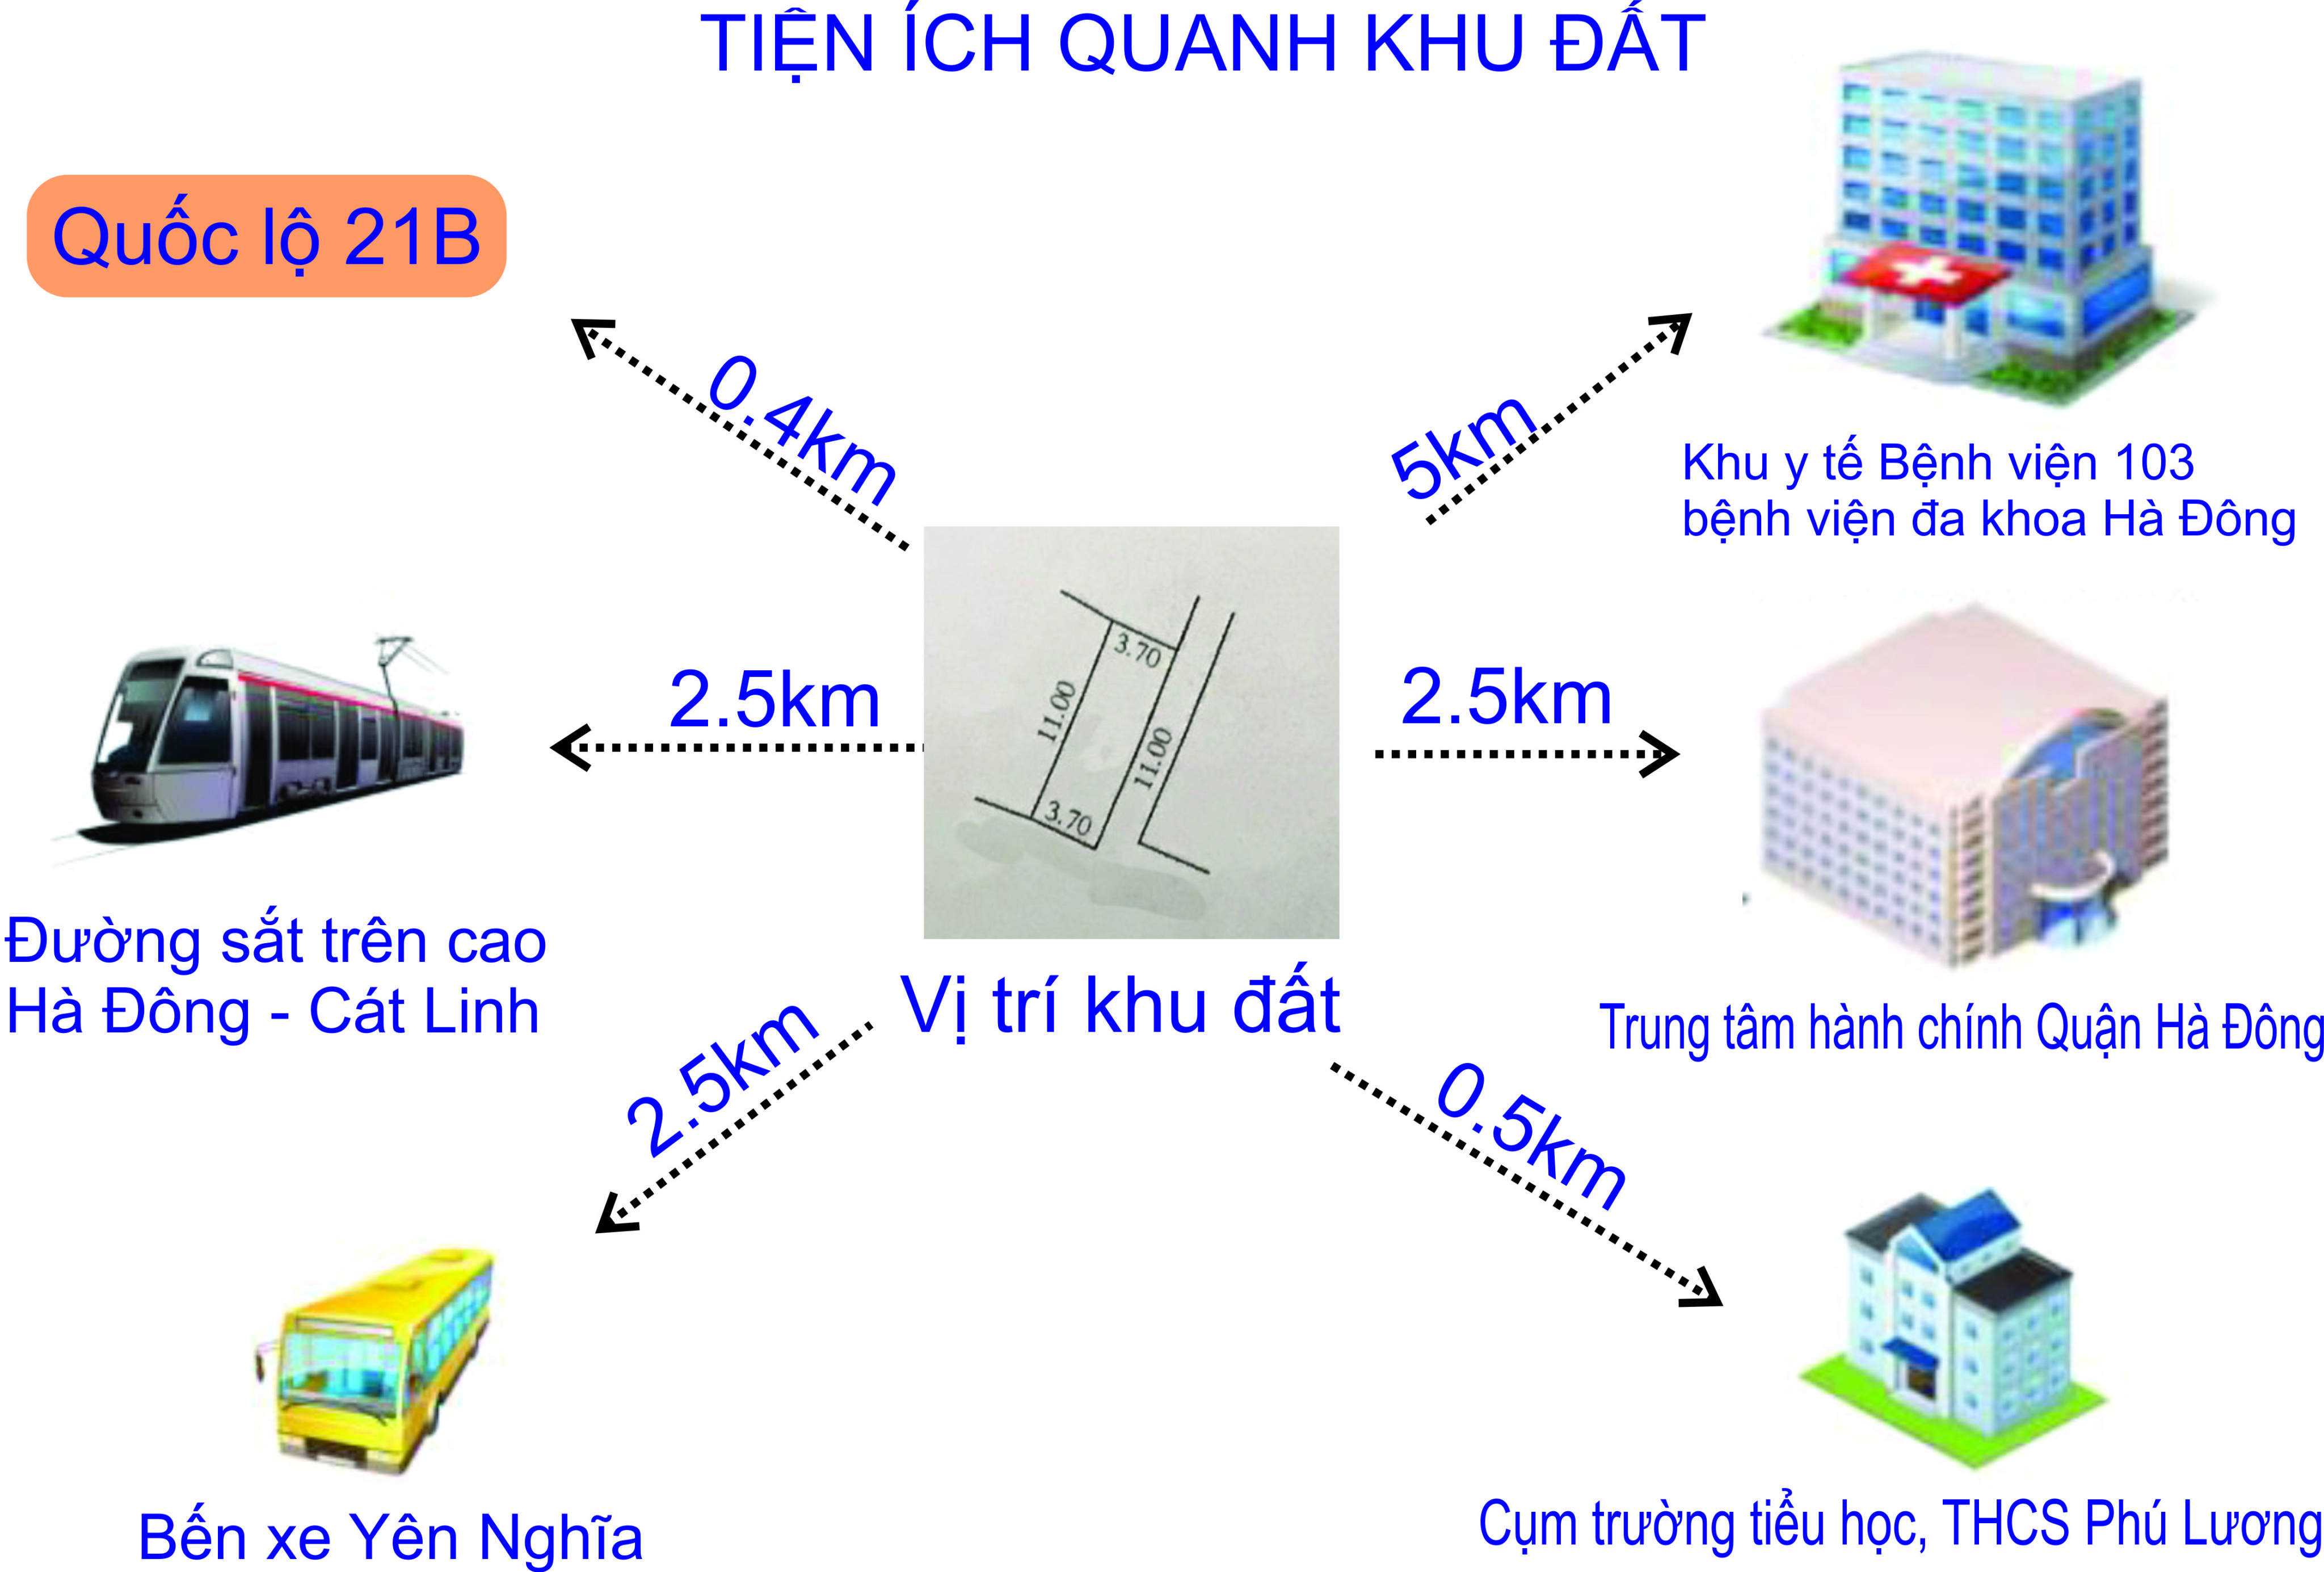 Bán nhà đất Phú Lương, quận Hà Đông, 40m2, ~17 tỷ, đường ô tô tránh nhau